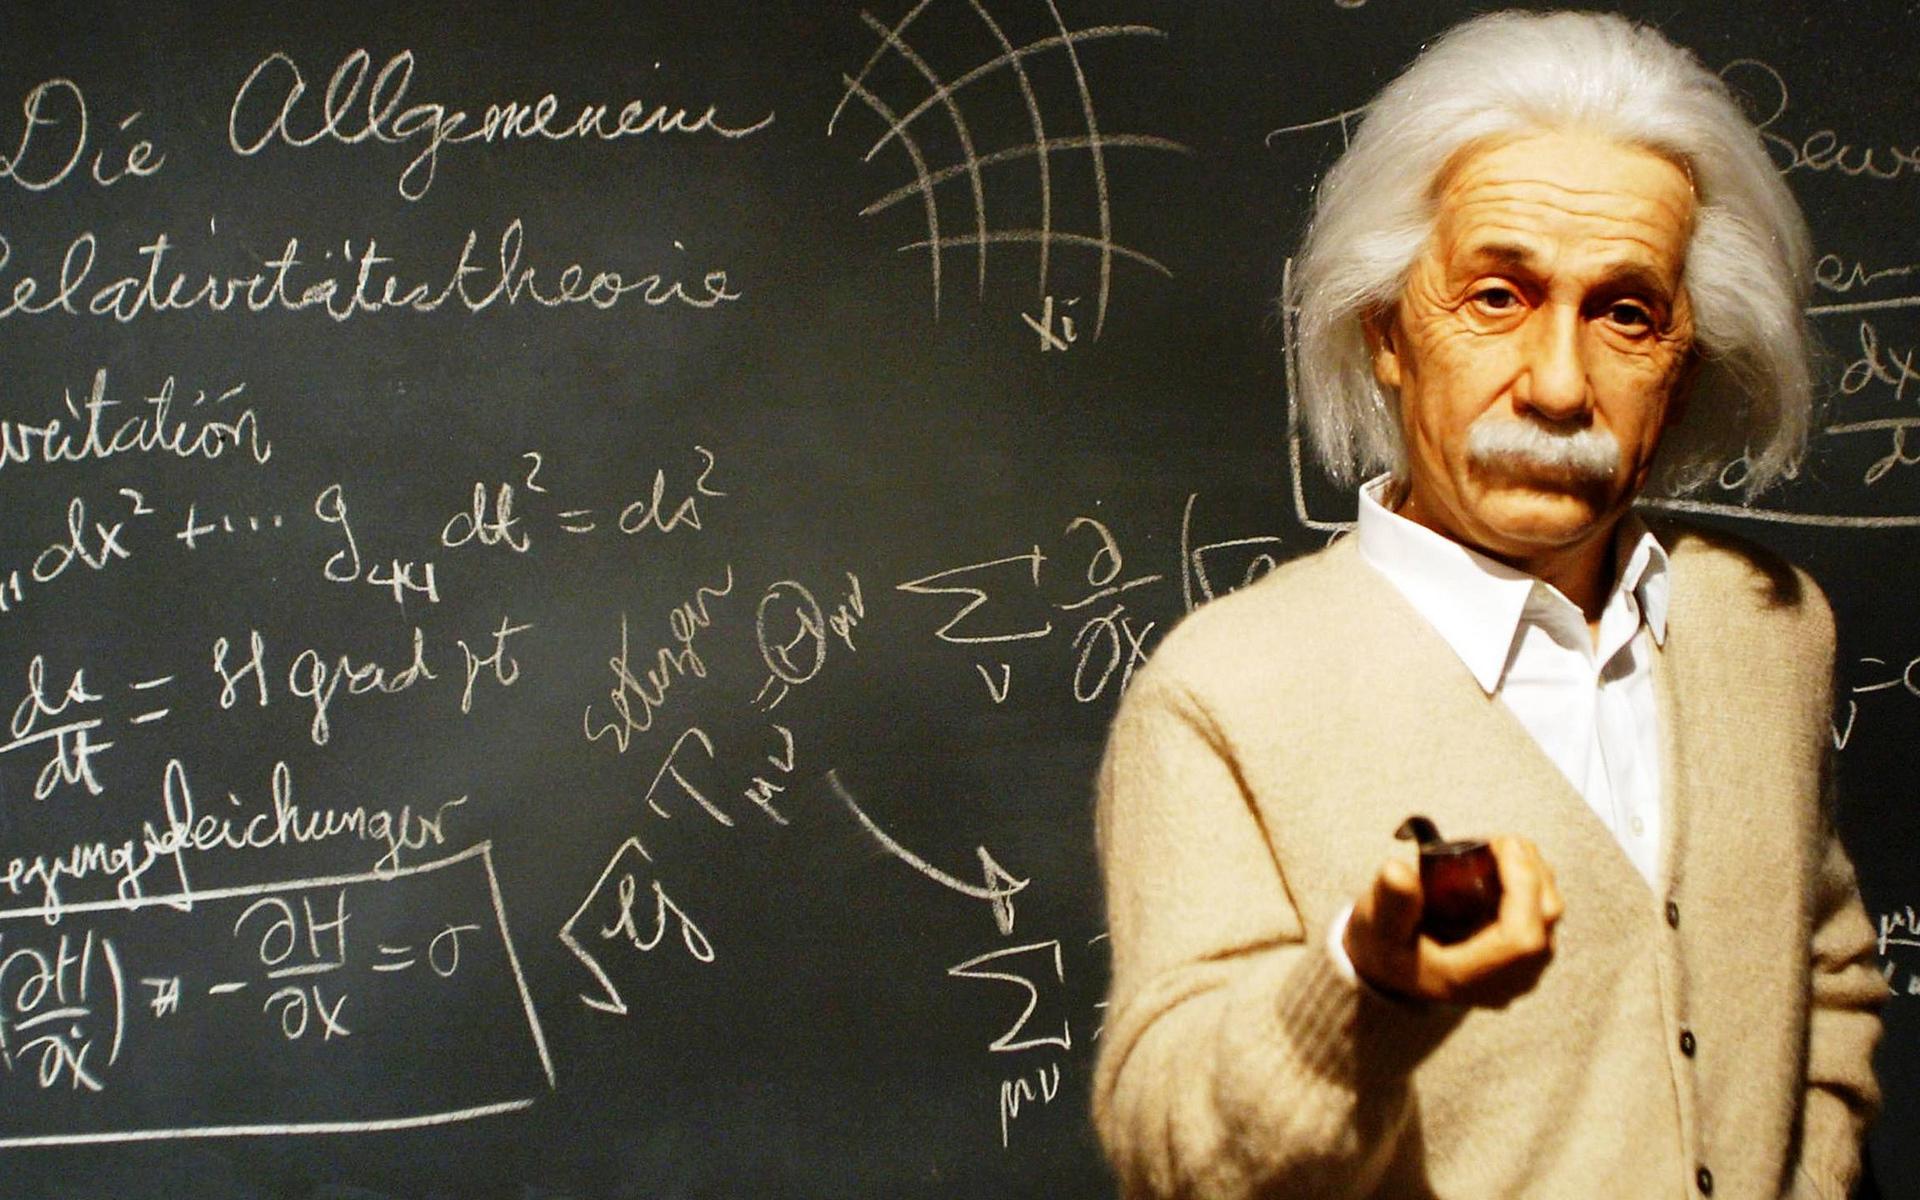 обои Альберт Эйнштейн, физик, ученый, усы картинки фото